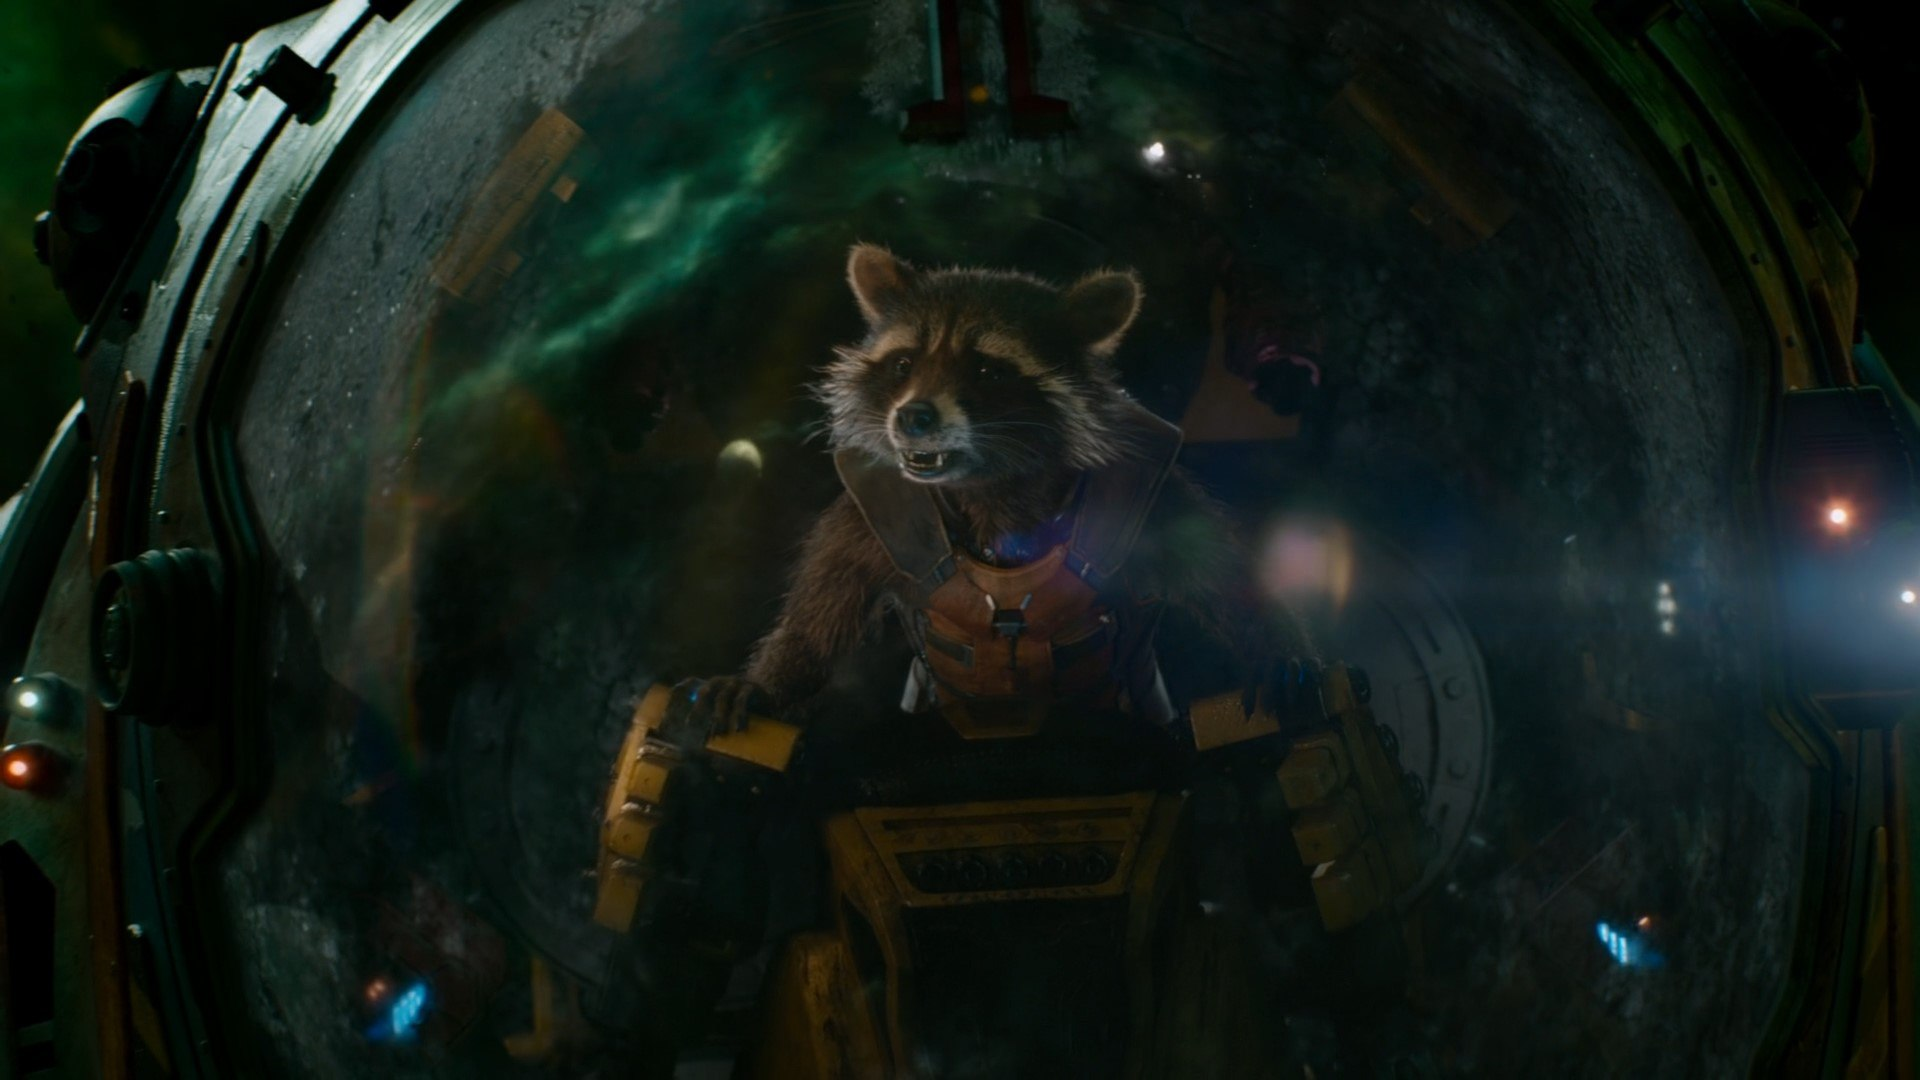 Стражи Галактики / Guardians of the Galaxy (2014) BDRip 1080p 60 FPS скачать торрент с rutor org